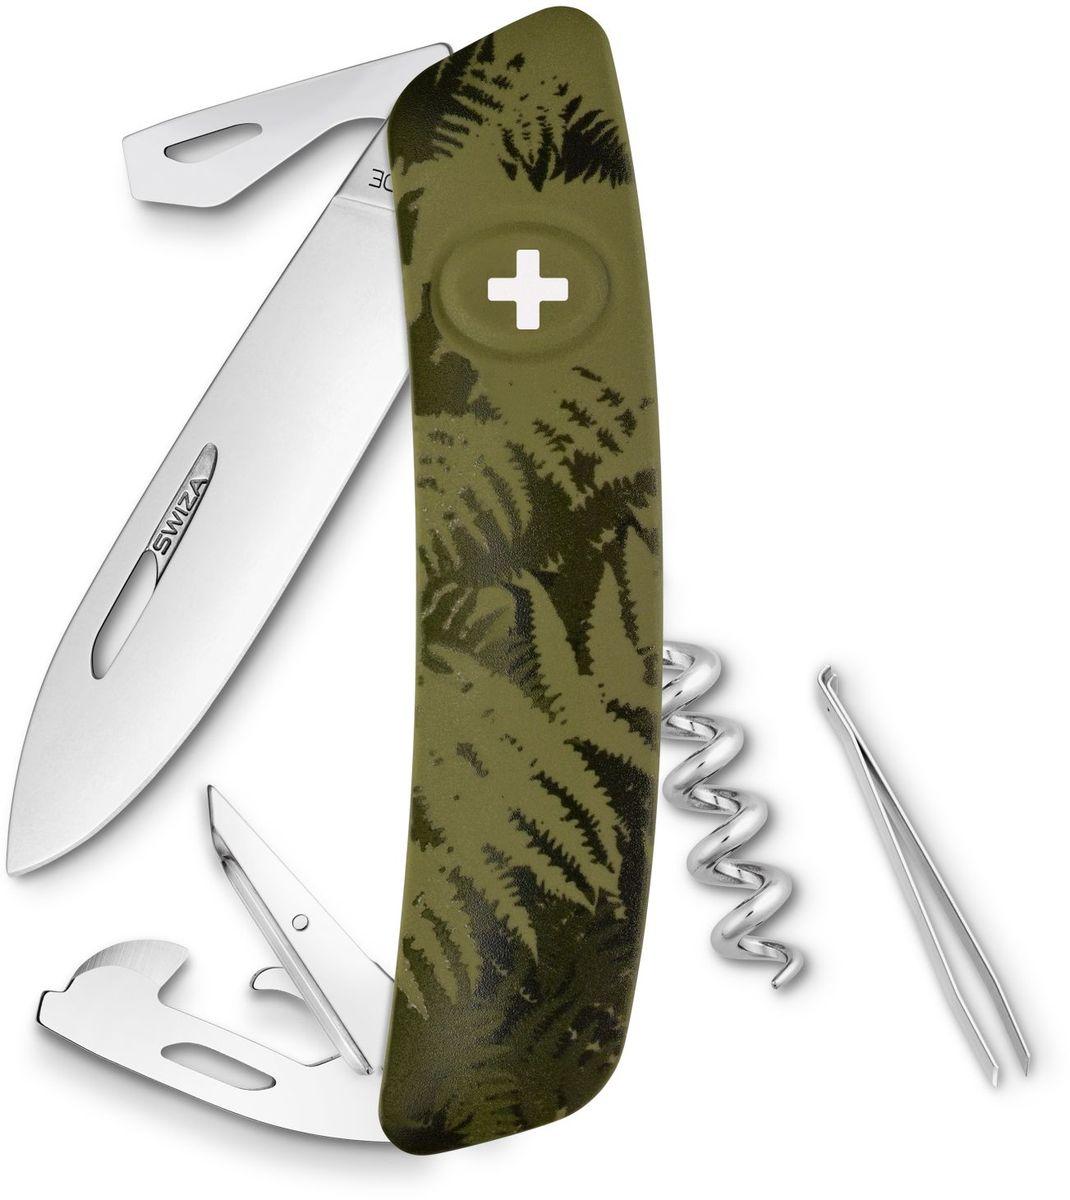 Нож швейцарский SWIZA С03, цвет: темно-зеленый, длина клинка 7,5 см1.3713.T7Швейцарский нож (SWIZA С03) с его революционной формой и безопасной рукояткой, легко раскладываемой ручкой - самый удобный и простой в использовании швейцарский нож на все времена. Эргономично изогнутая форма ножа обеспечивает более легкий доступ к инструментам, а пазы позволяют легко их открывать, как левой, так и правой рукой.1. нож перочинный, 2.Штопор, 3. ример/дырокол 4. шило, 5. безопасная блокировка лезвий, 6. пинцет 7. консервный нож, 8 Wire Bender (для проволоки), 9 Отвертка №1, 10. Отвертка №3, 11. Открывалка для бутылок